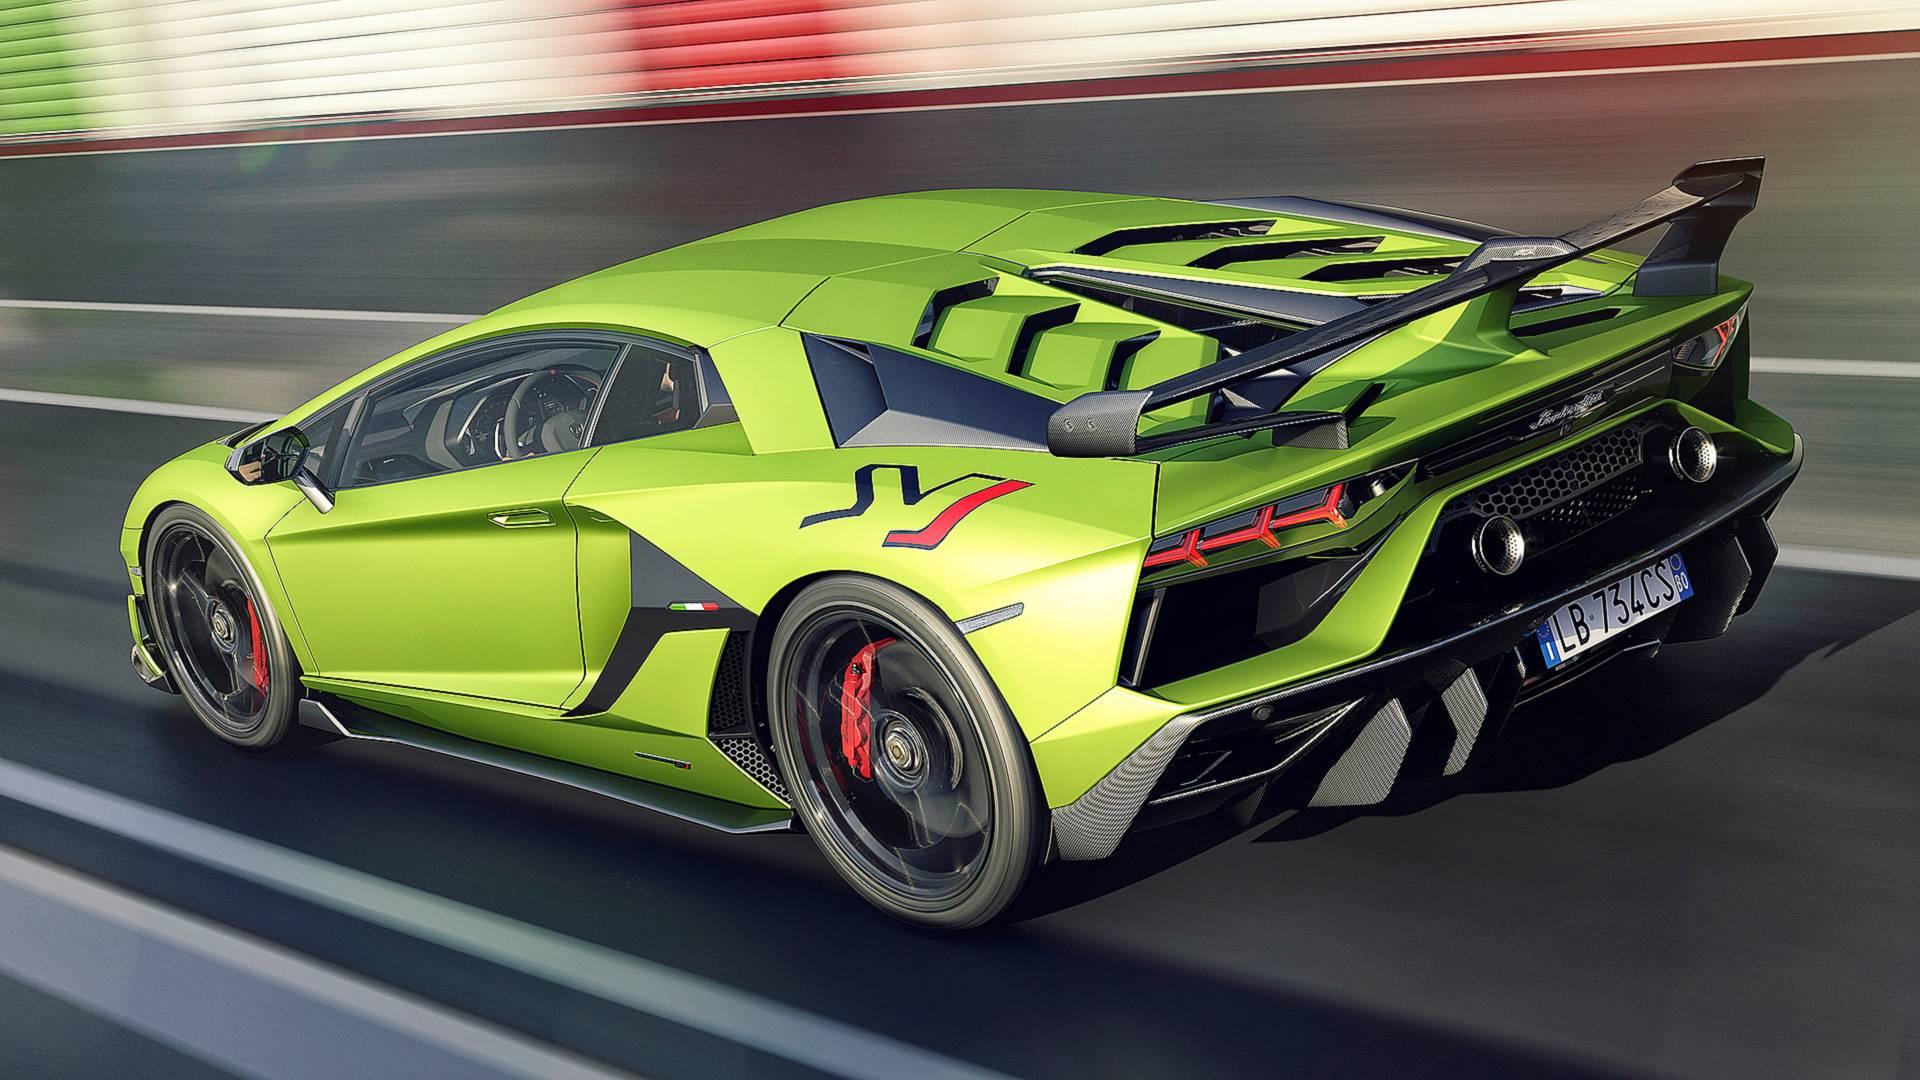 New Lamborghini Model Confirmed Aventador Svj Roadster Coming In